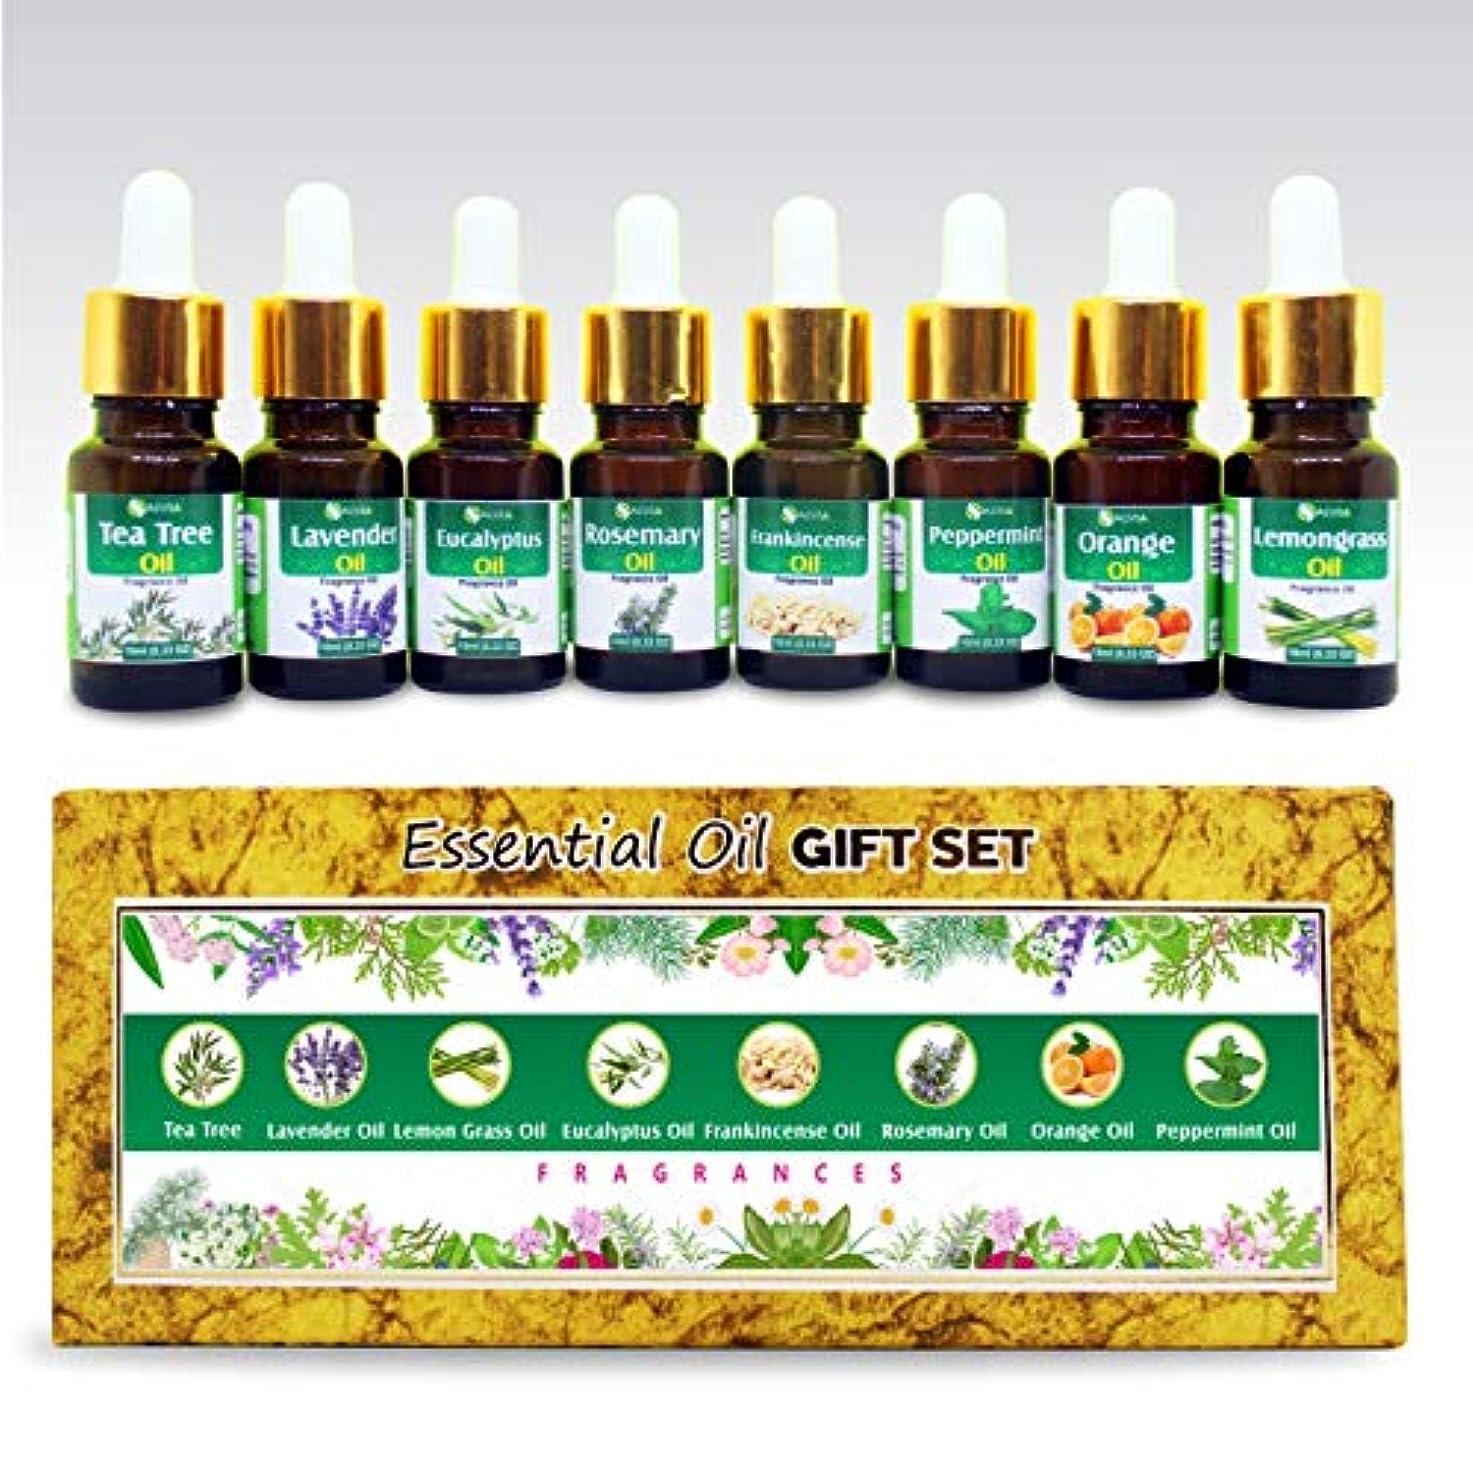 威信マスク正確なAromatherapy Fragrance Oils - Pack of 8 Essential Oils 100% Natural Therapeutic Oils - 10 ML each (Tea Tree, Lavender...